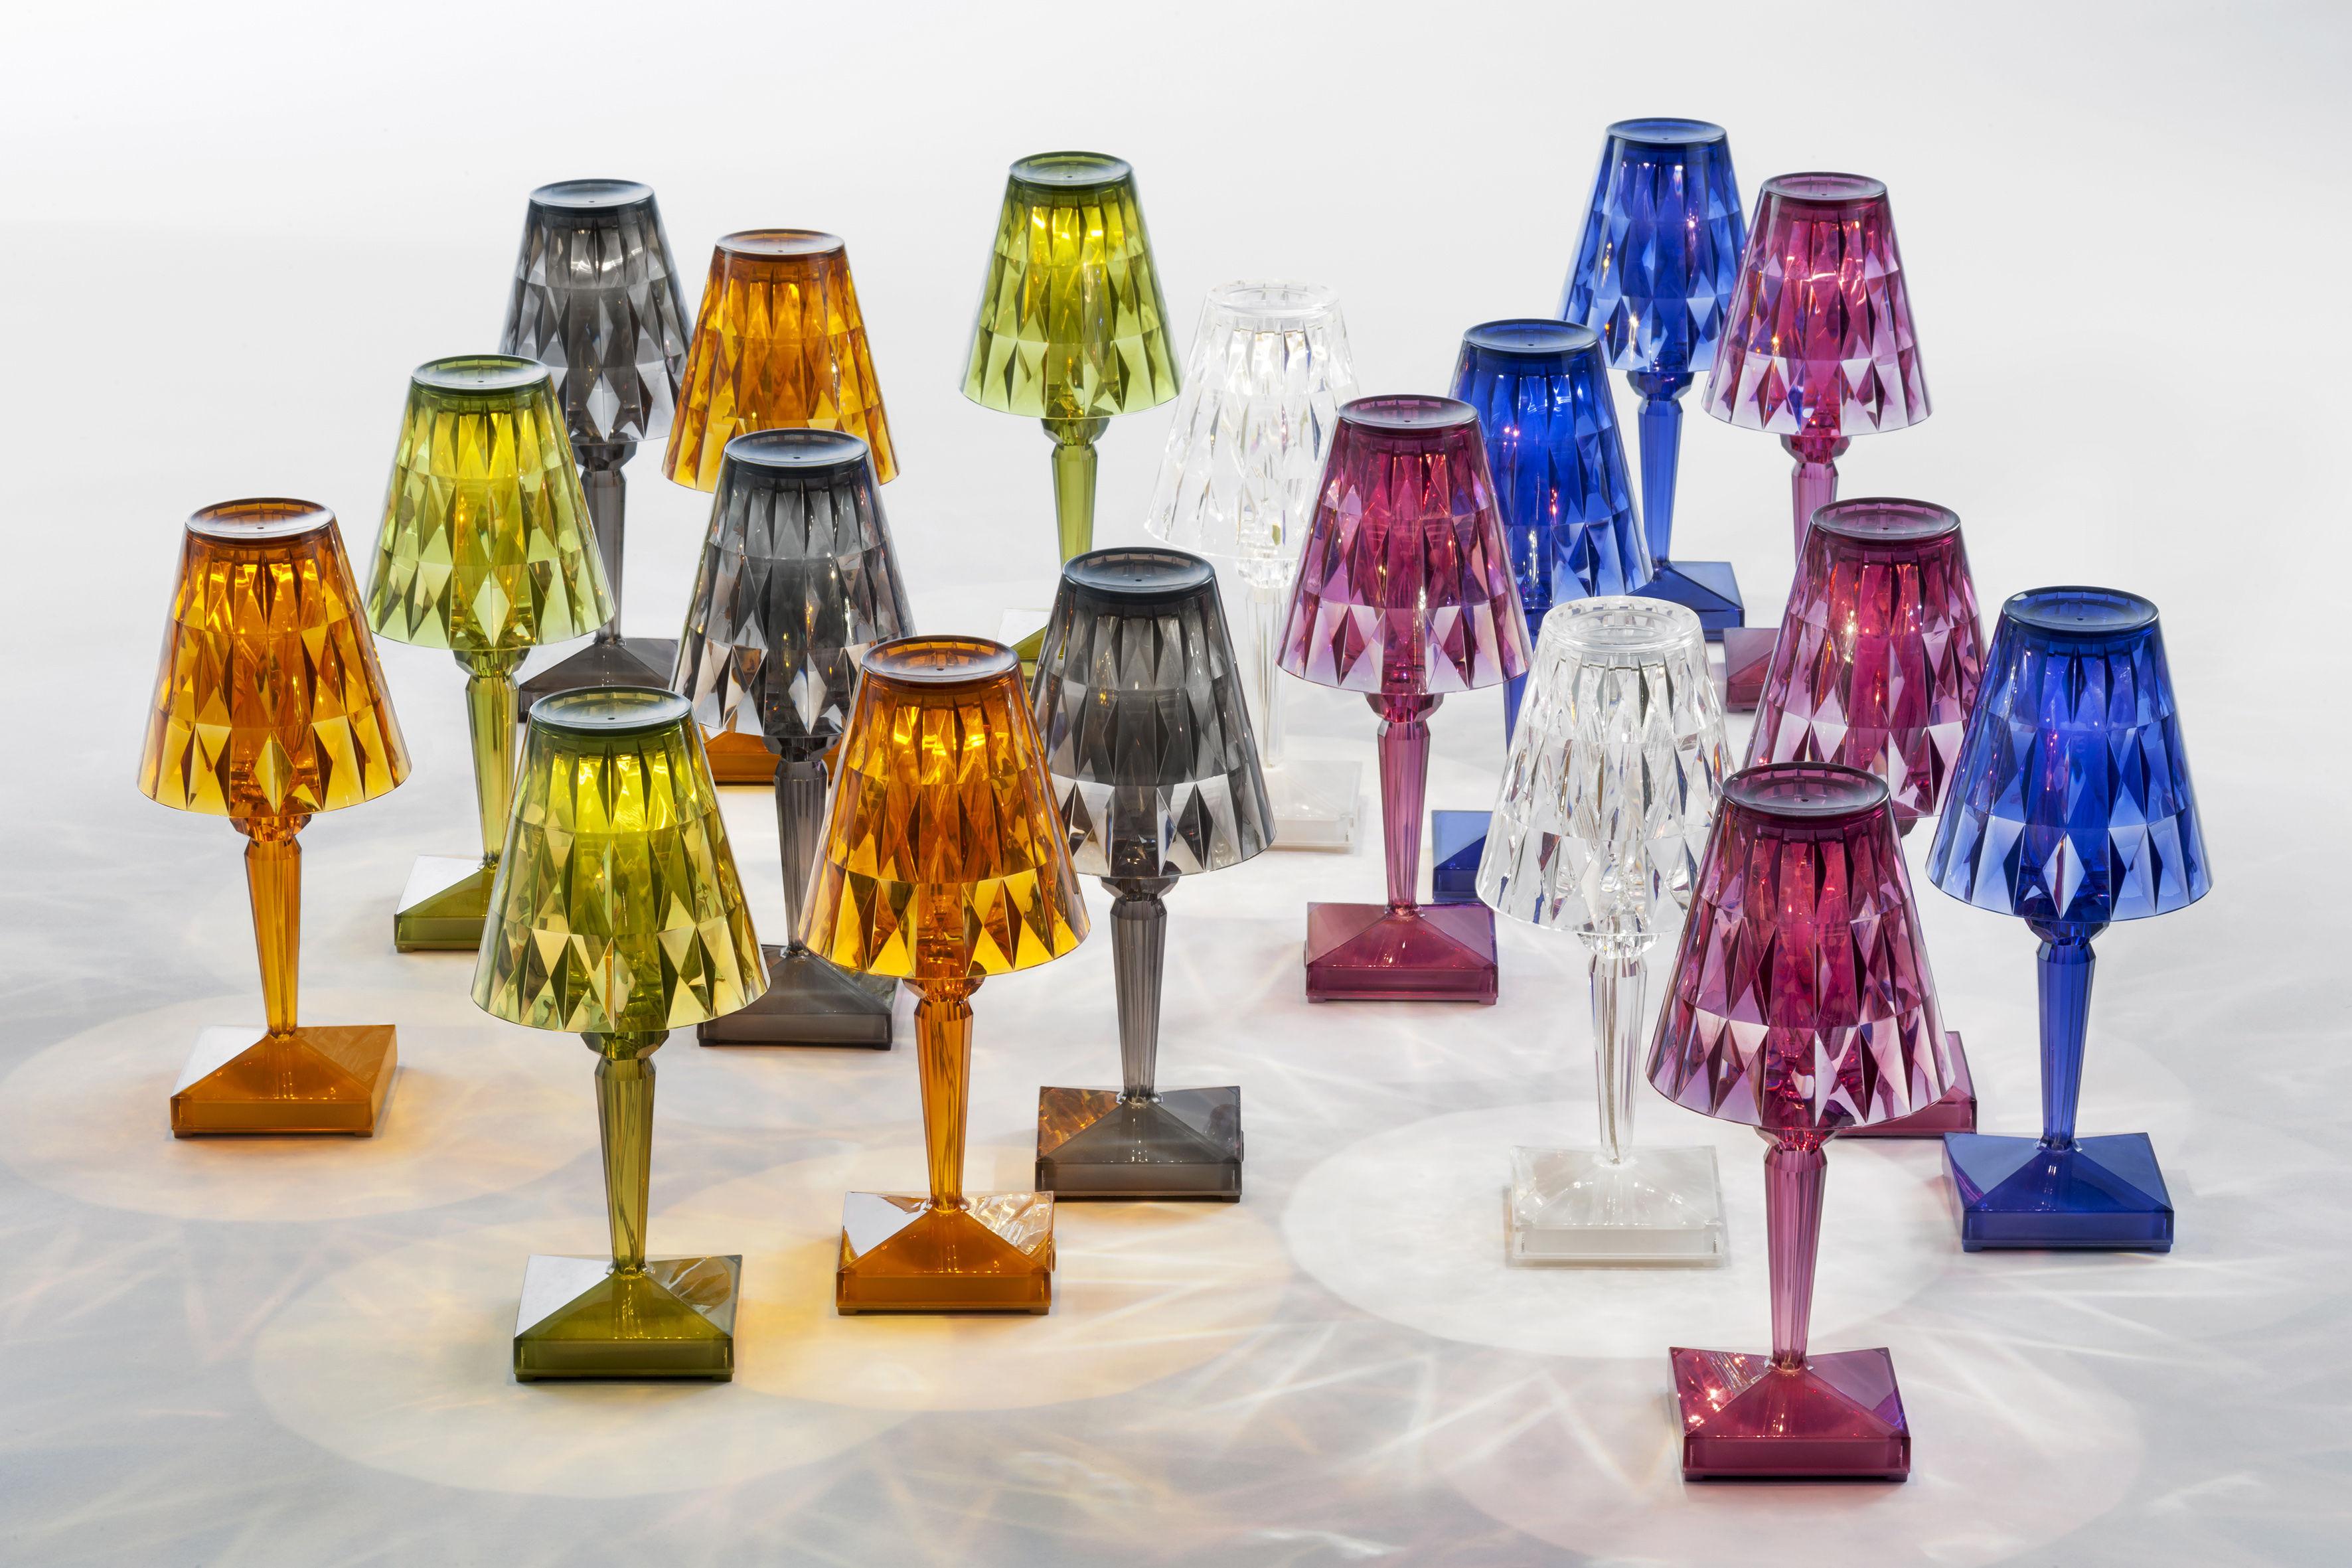 Lampe Ohne Kabel Battery LED Von Kartell - Grün